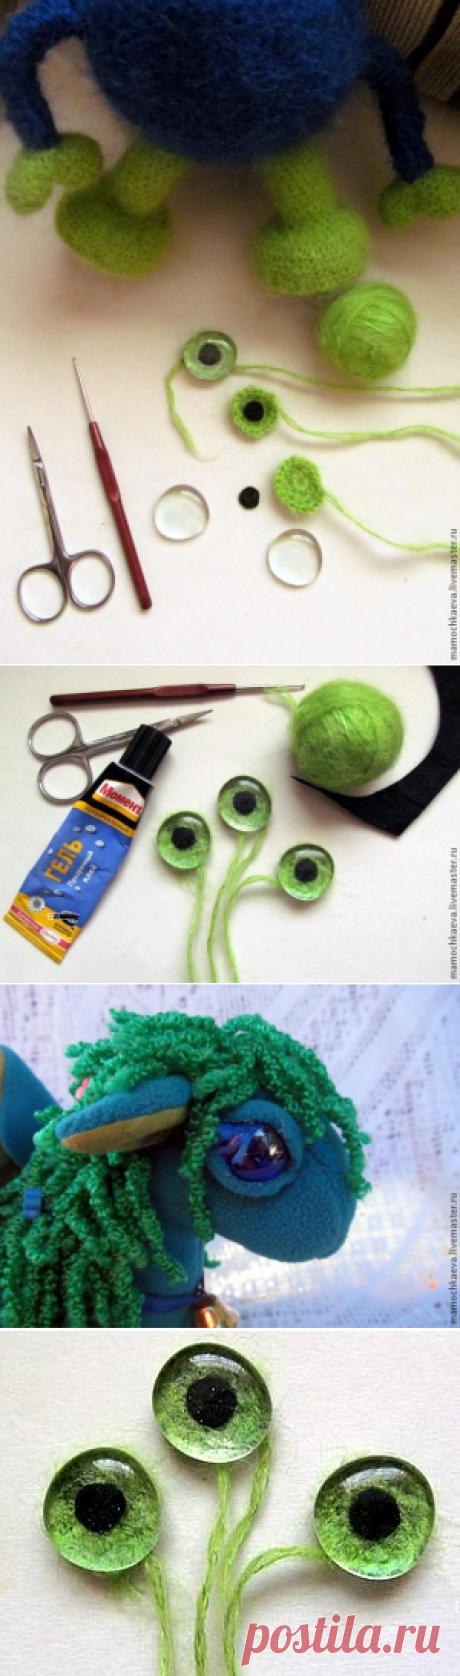 Делаем глазки для вязаных и текстильных игрушек — простые и почти универсальные – Ярмарка Мастеров